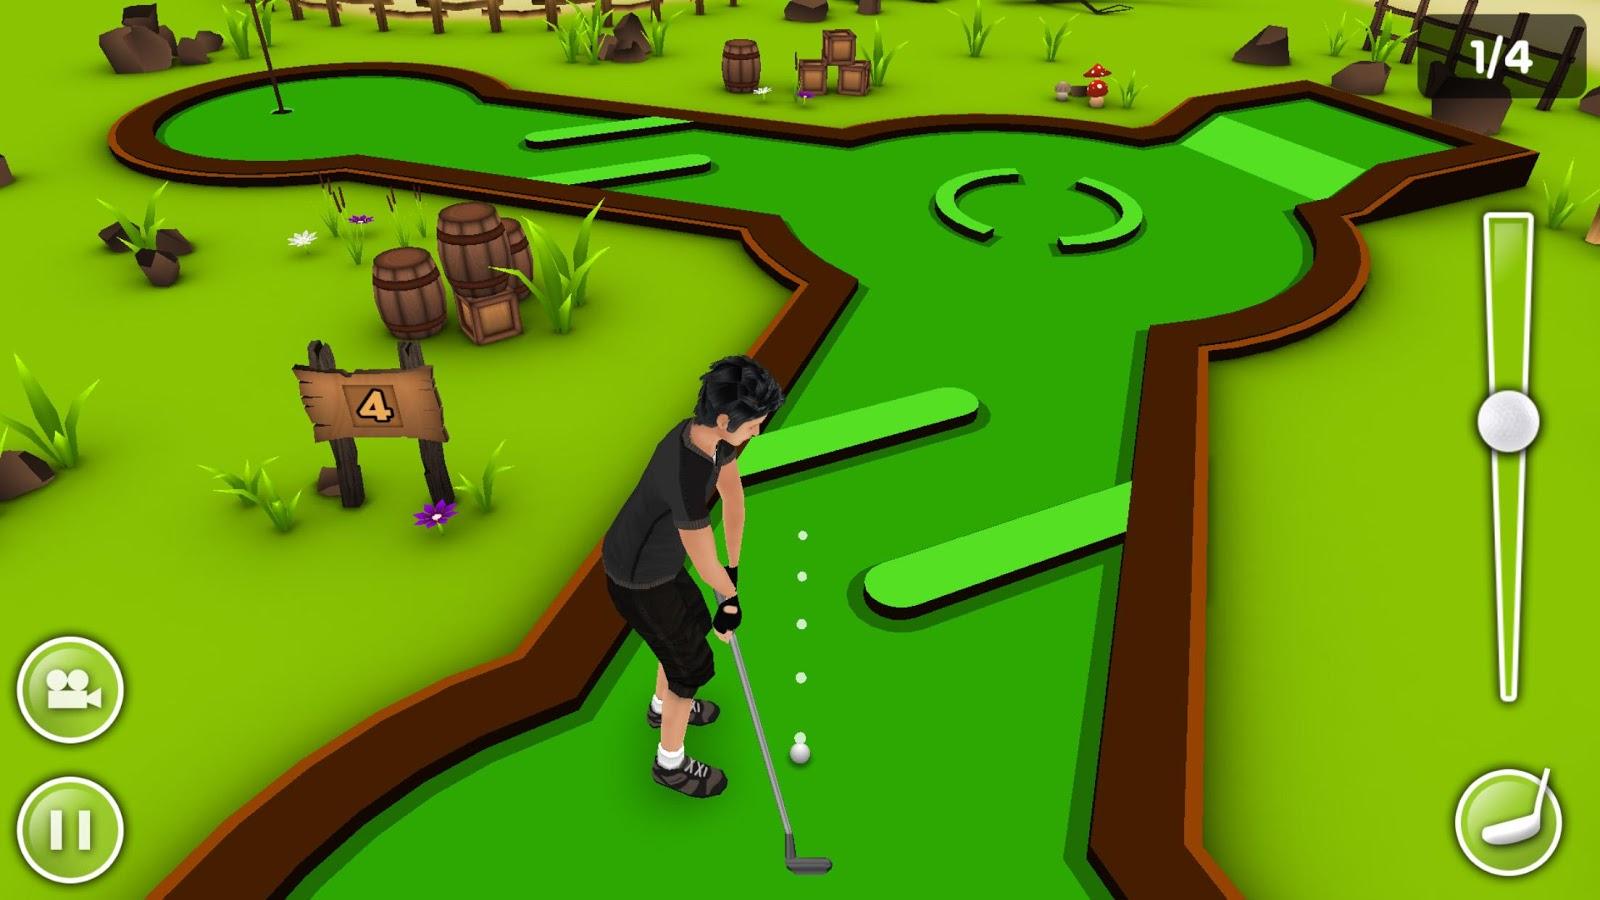 [أندرويد]تحميل لعبة الجولف المثيرة Mini